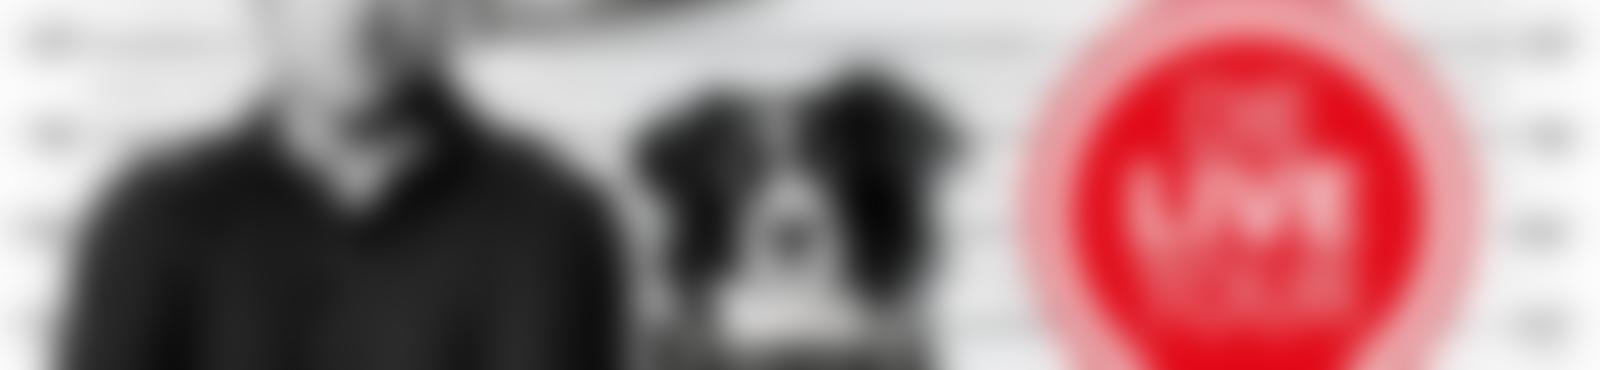 Blurred 9b6cc6ab f40c 40b5 939d d4751fb15f0f